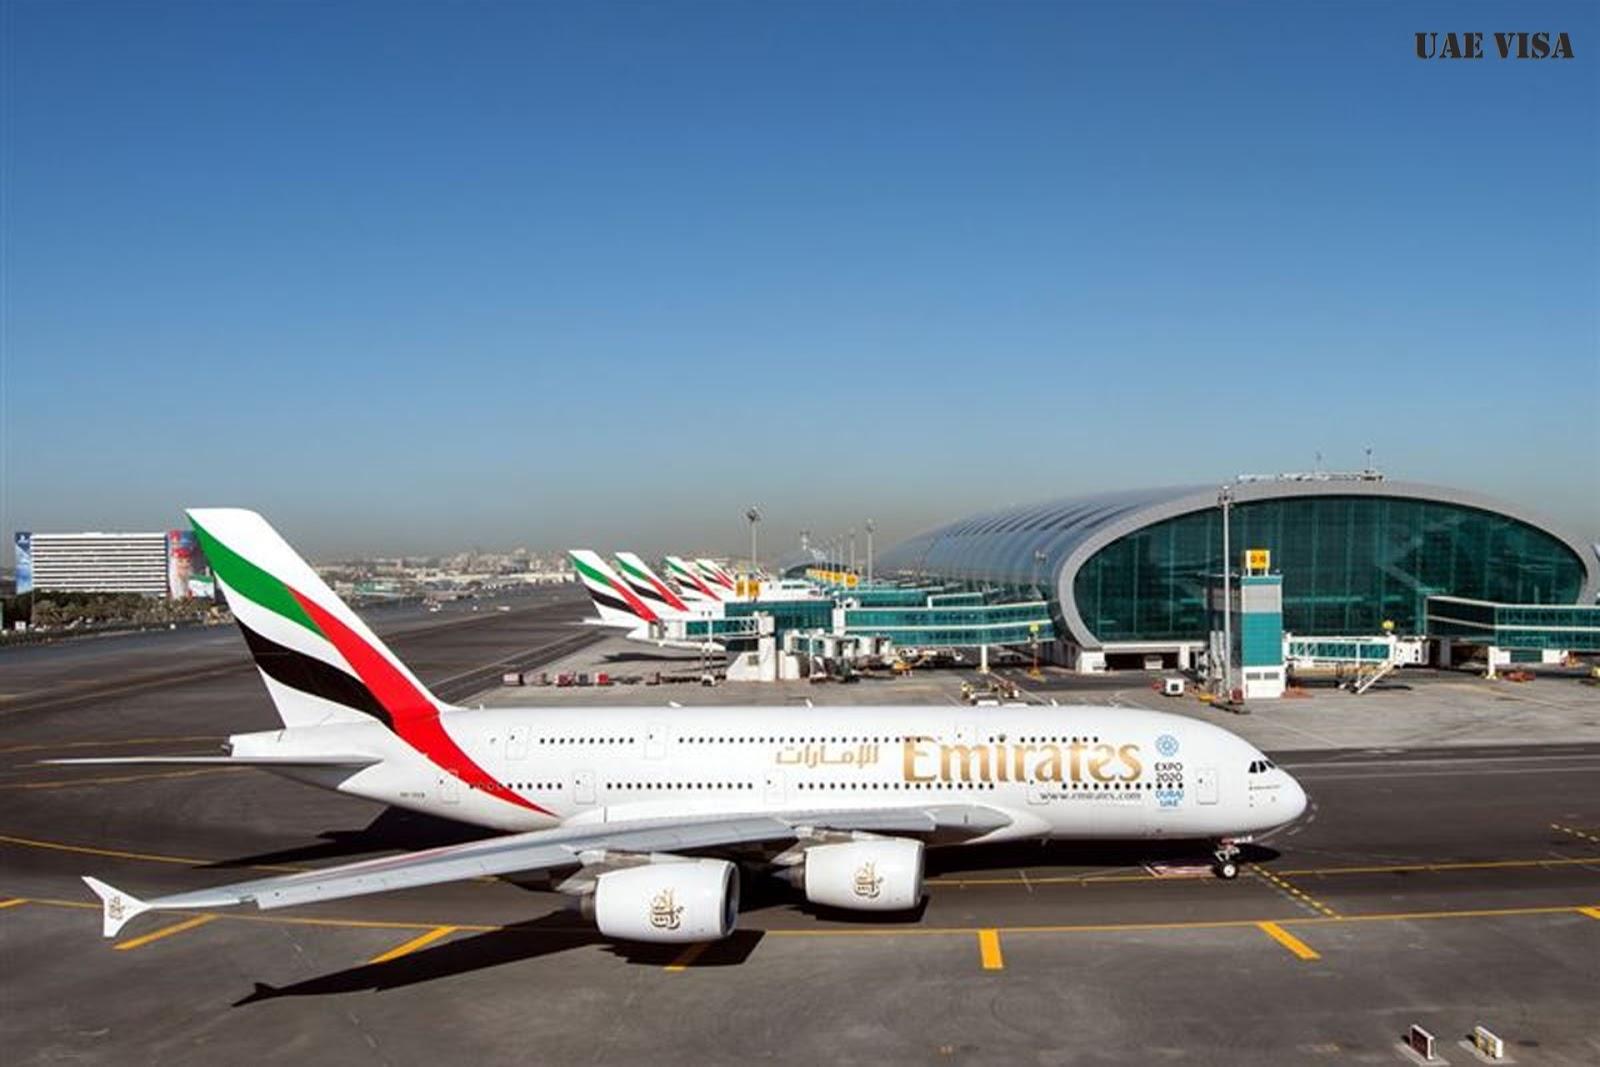 UAE Visa: Rush hours at UAE airports: Vacation led Dubai